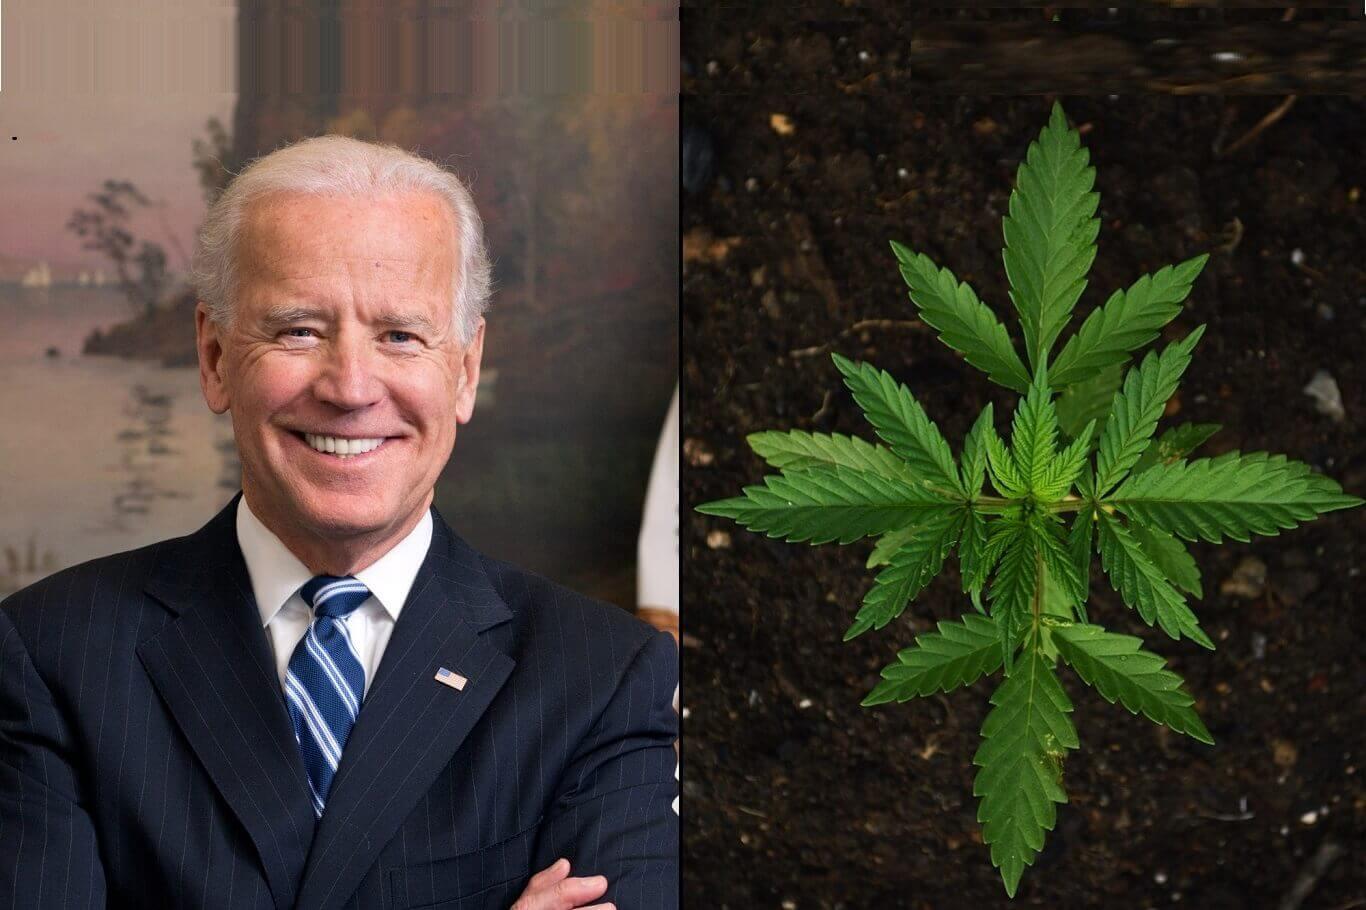 Biden marijuana